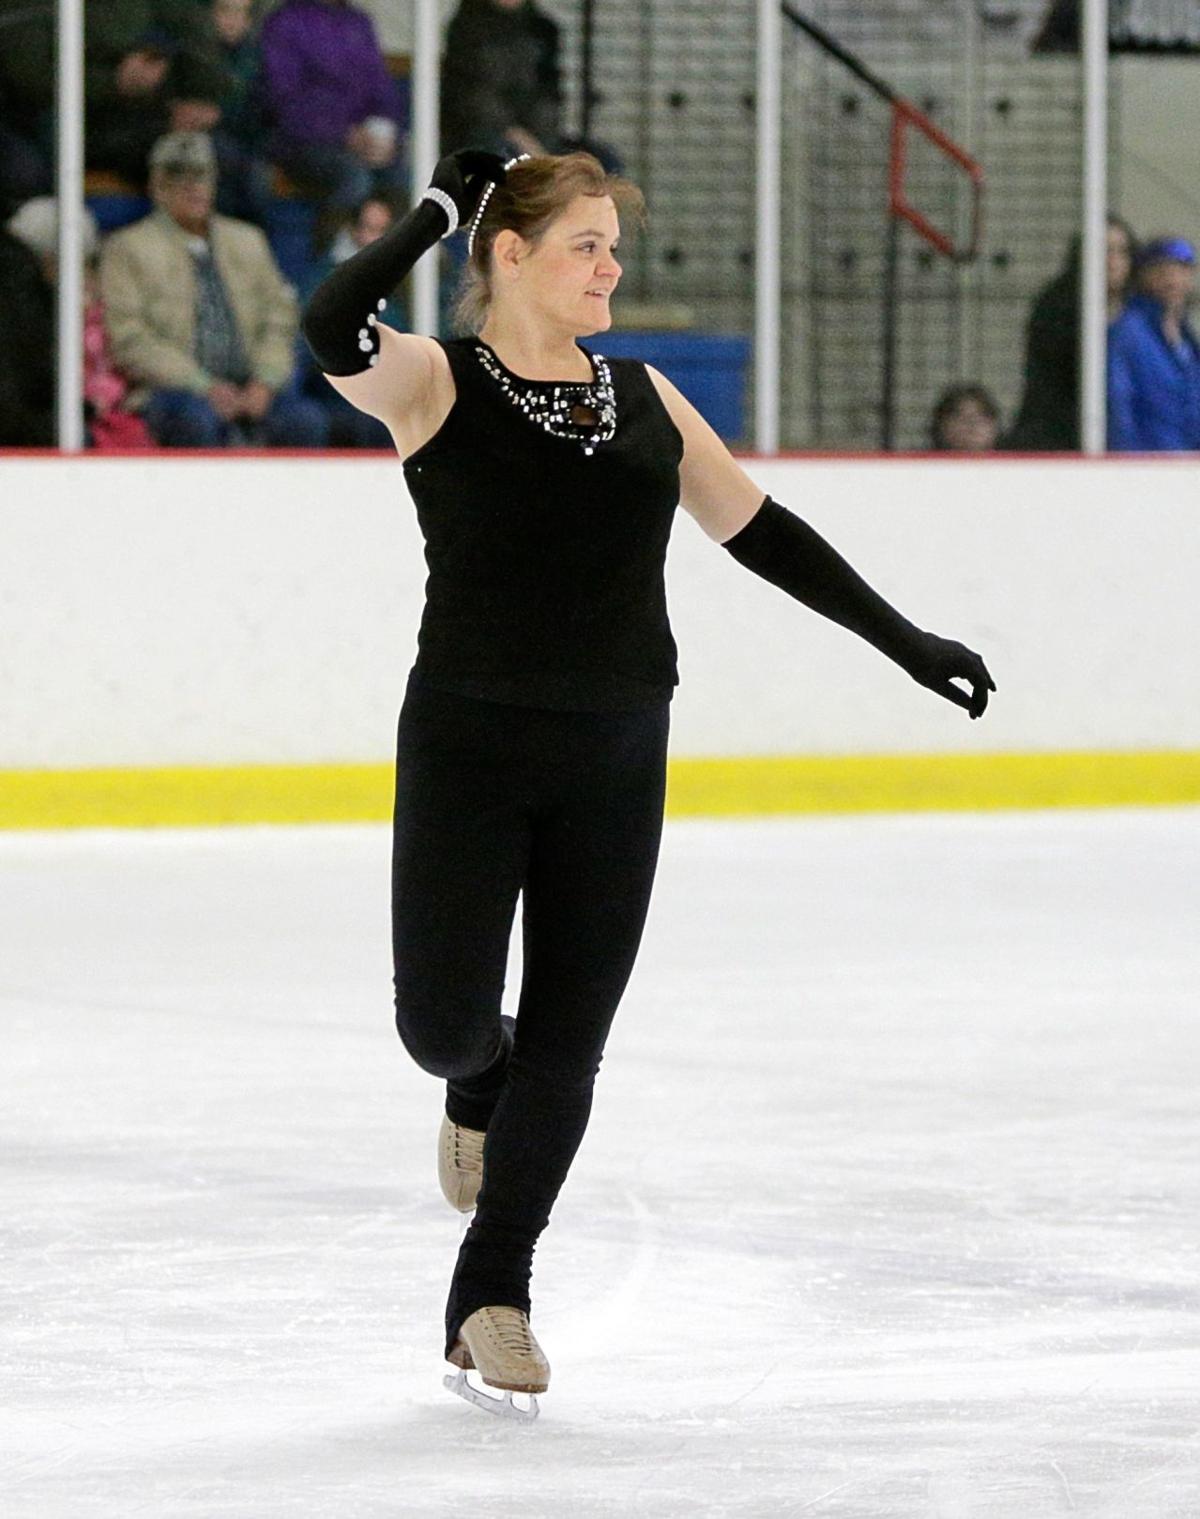 Cathy Goettel skates